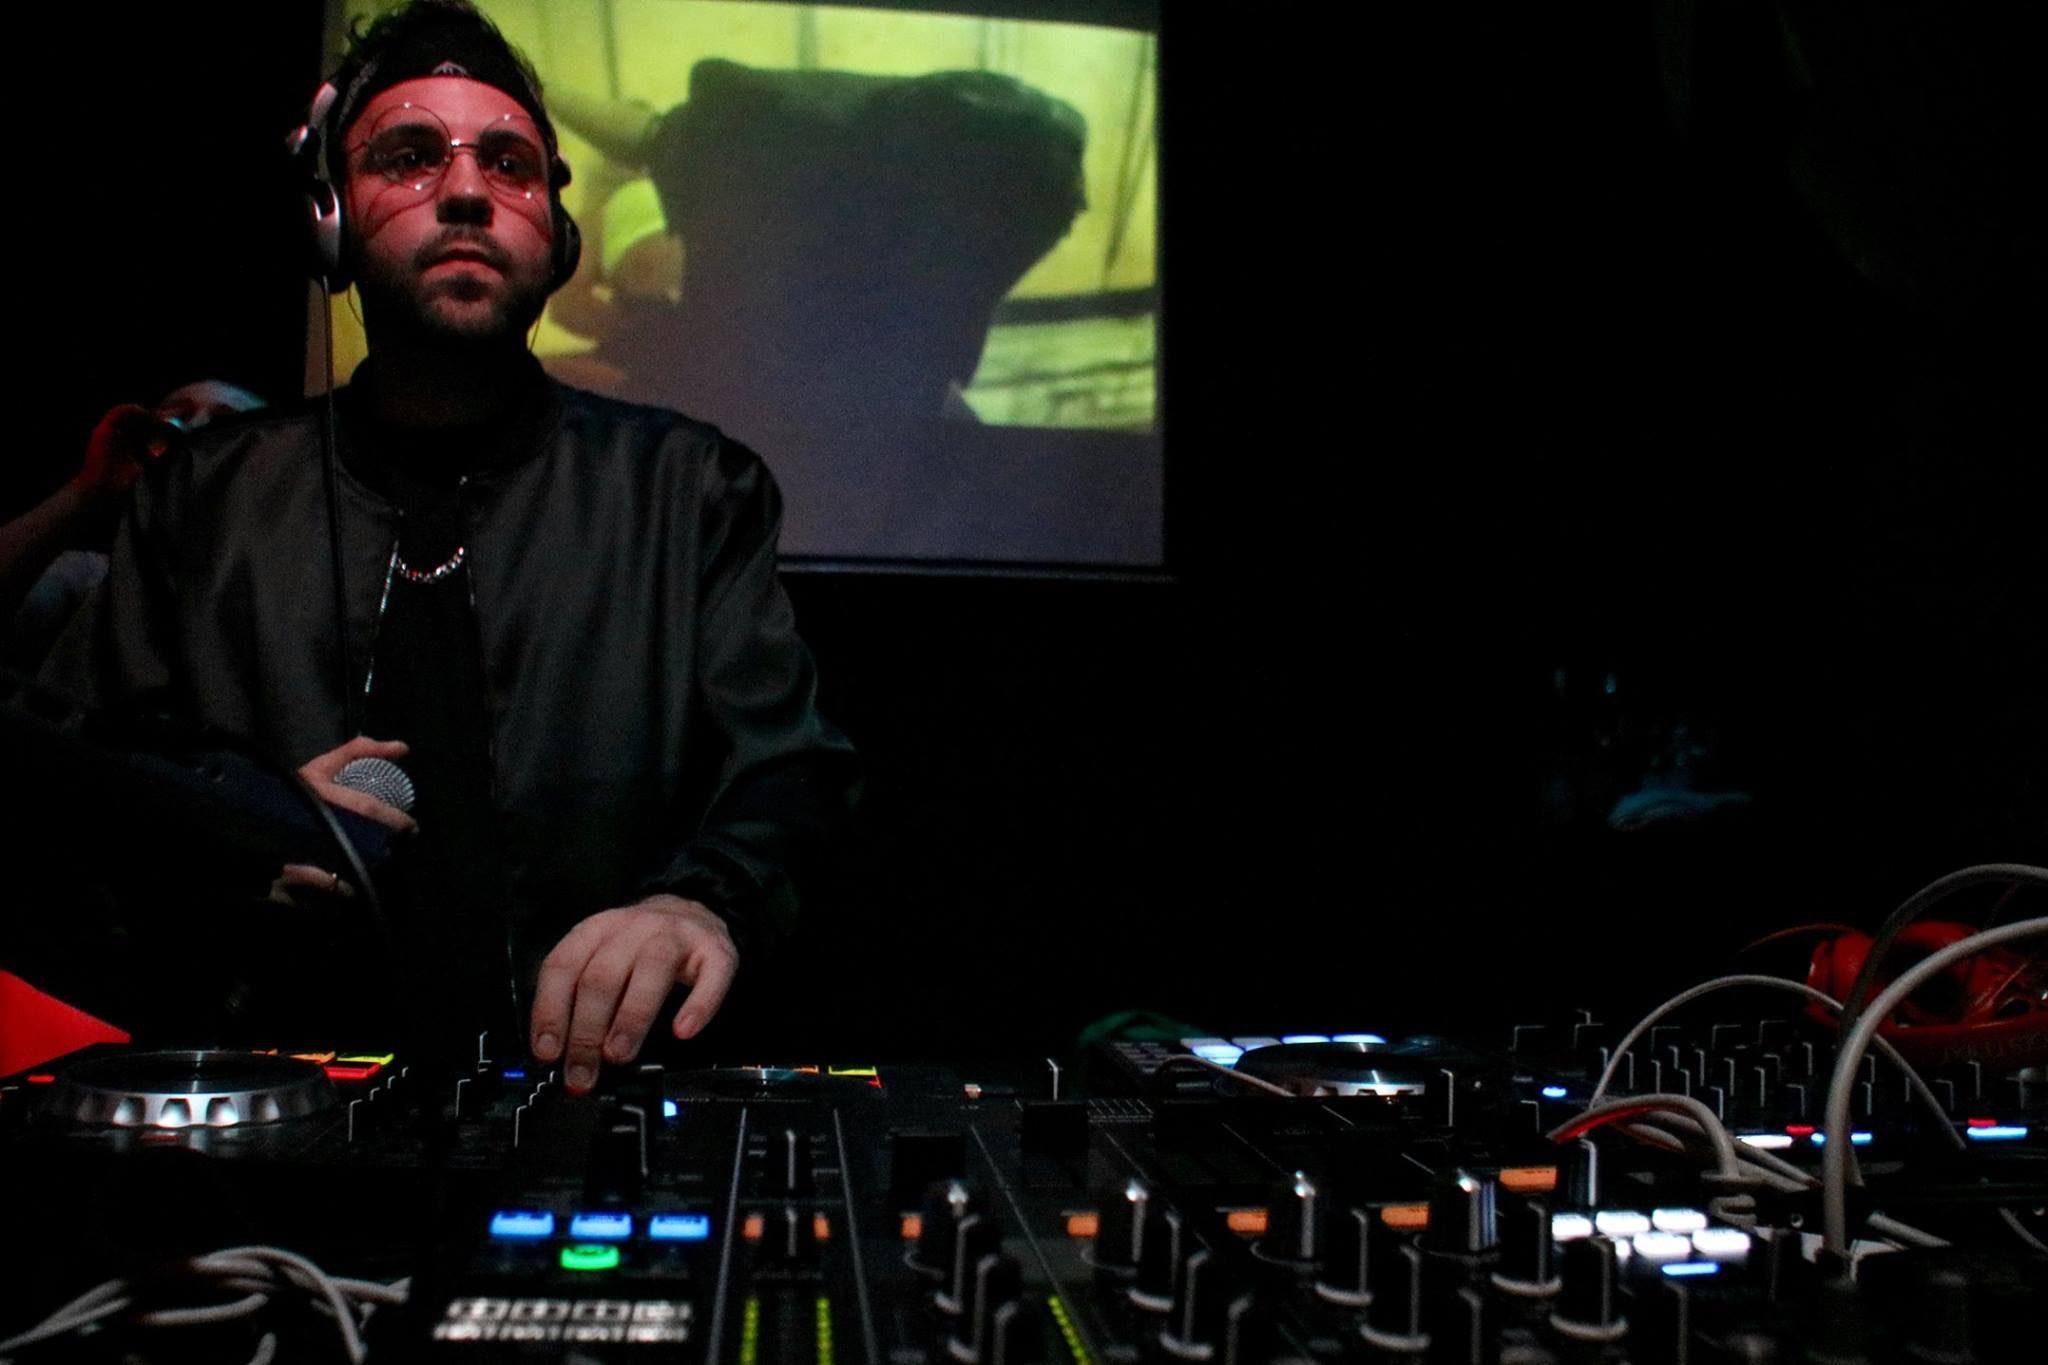 Dancehall Sound Effects 2018